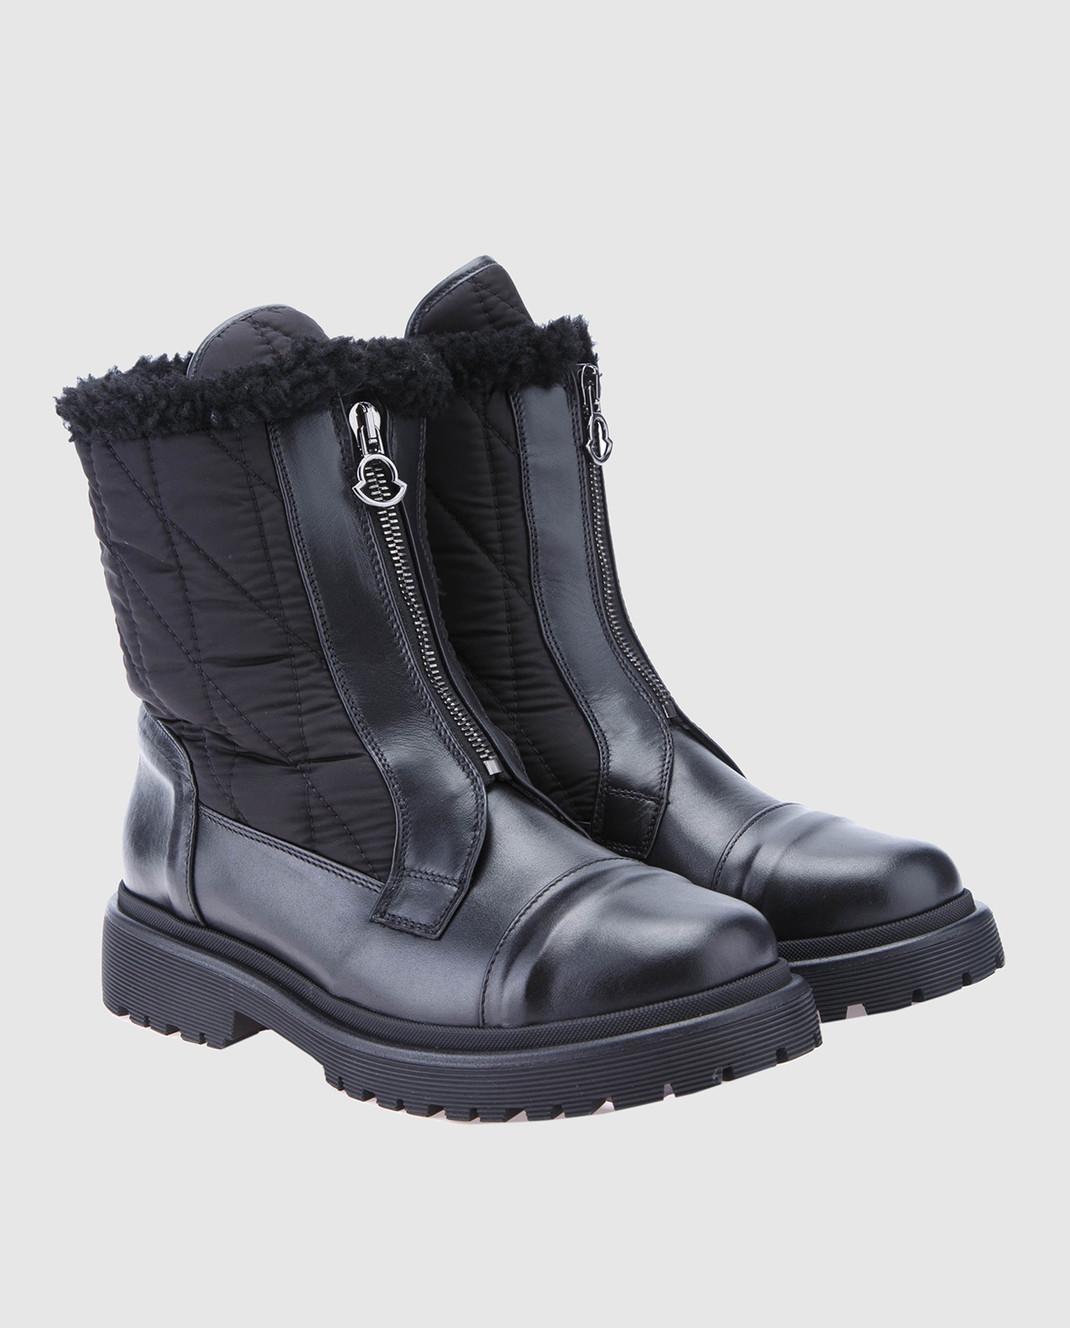 Moncler Черные кожаные ботинки 20314 изображение 2